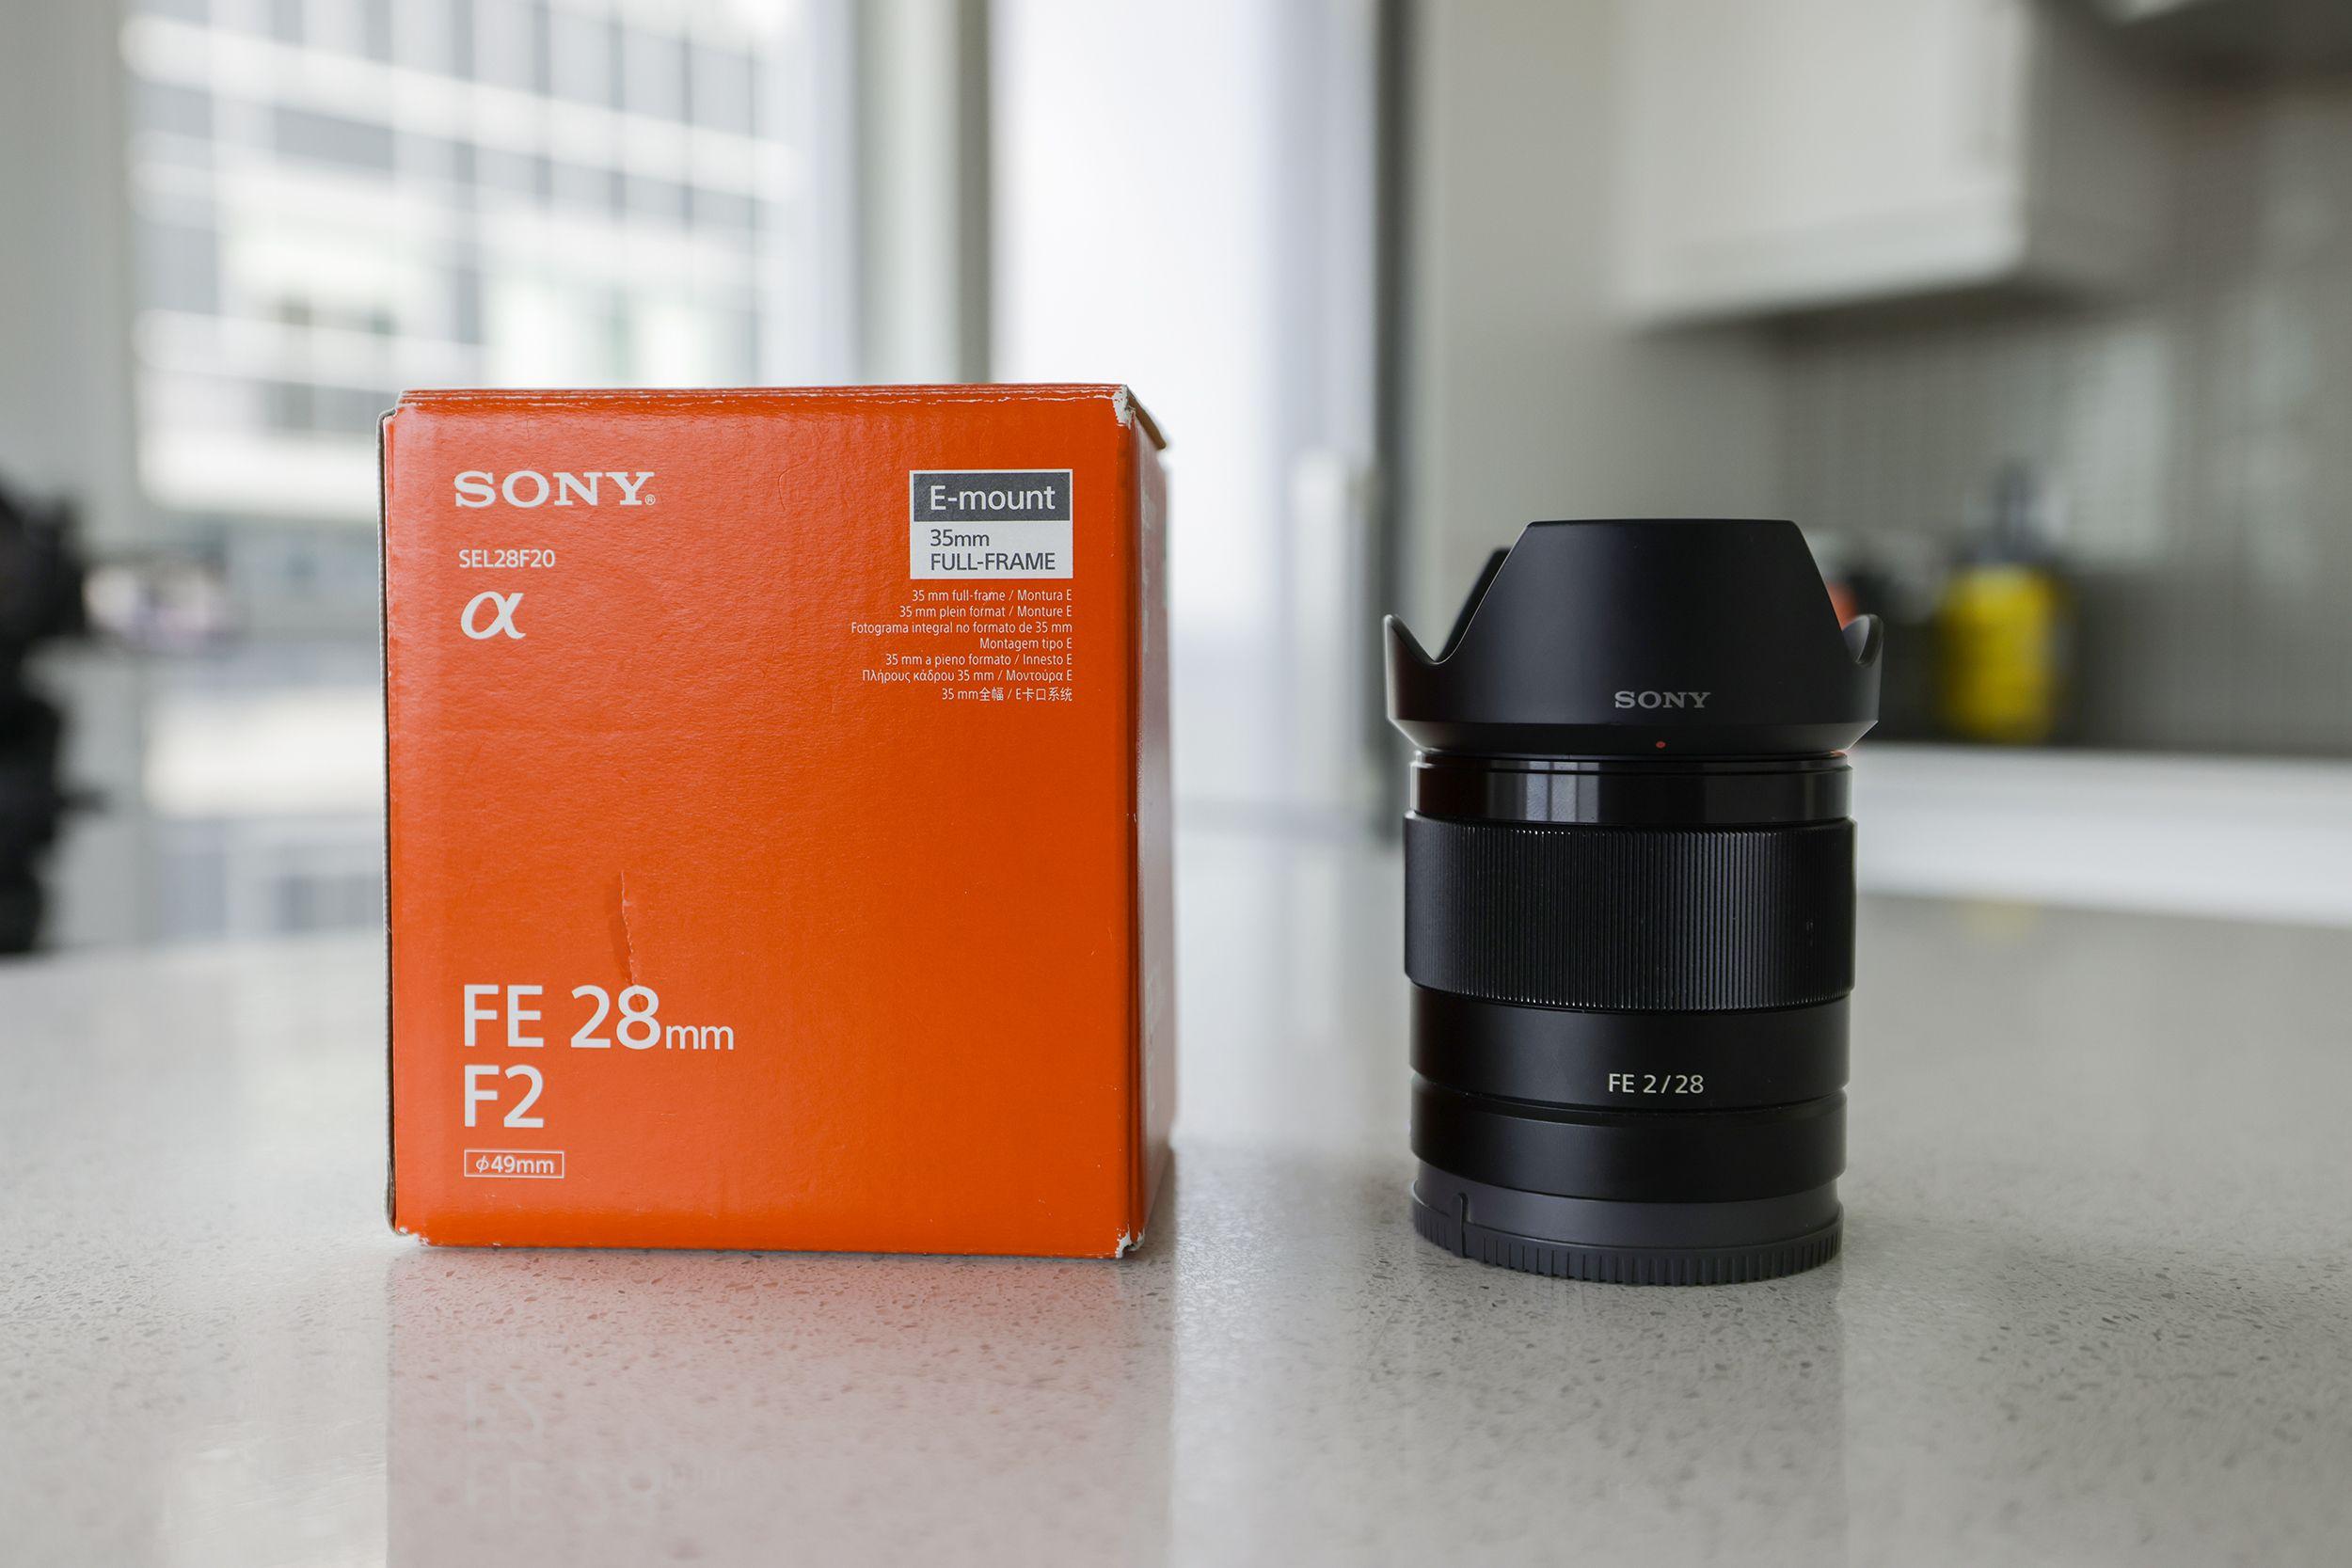 Sony Fe 28mm F2 Used Camera Gear Camera Gear Sony